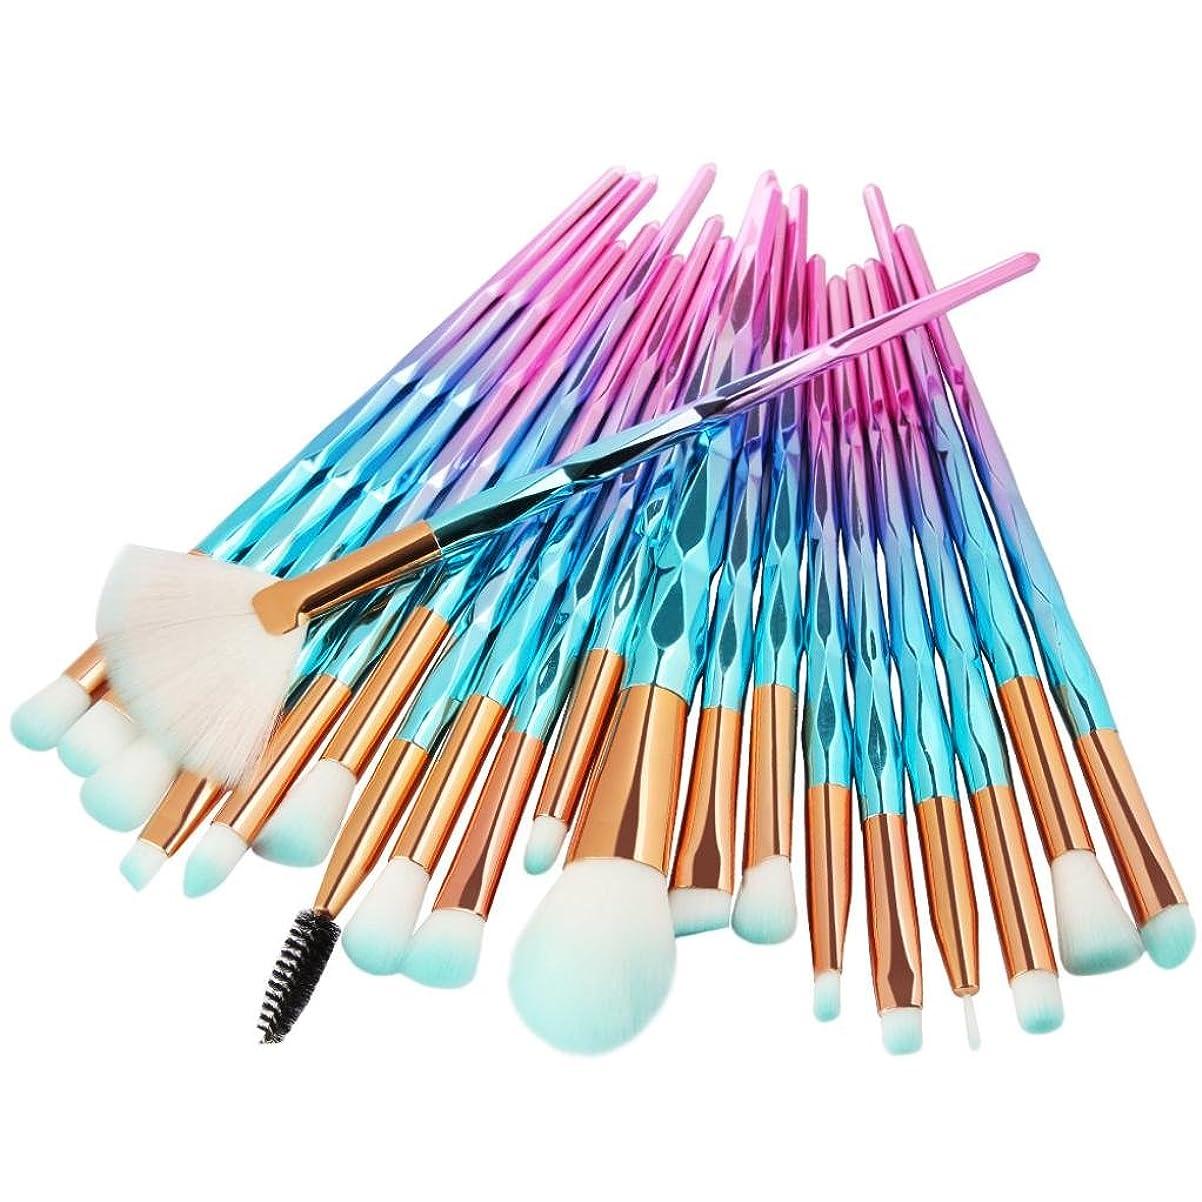 タップラブねじれFeteso メイクブラシ メイクブラシセット 多色 20 本セット 人気 化粧ブラシ ふわふわ 敏感肌適用 メイク道具 プレゼント アイシャドウ アイライナー Makeup Brushes Set